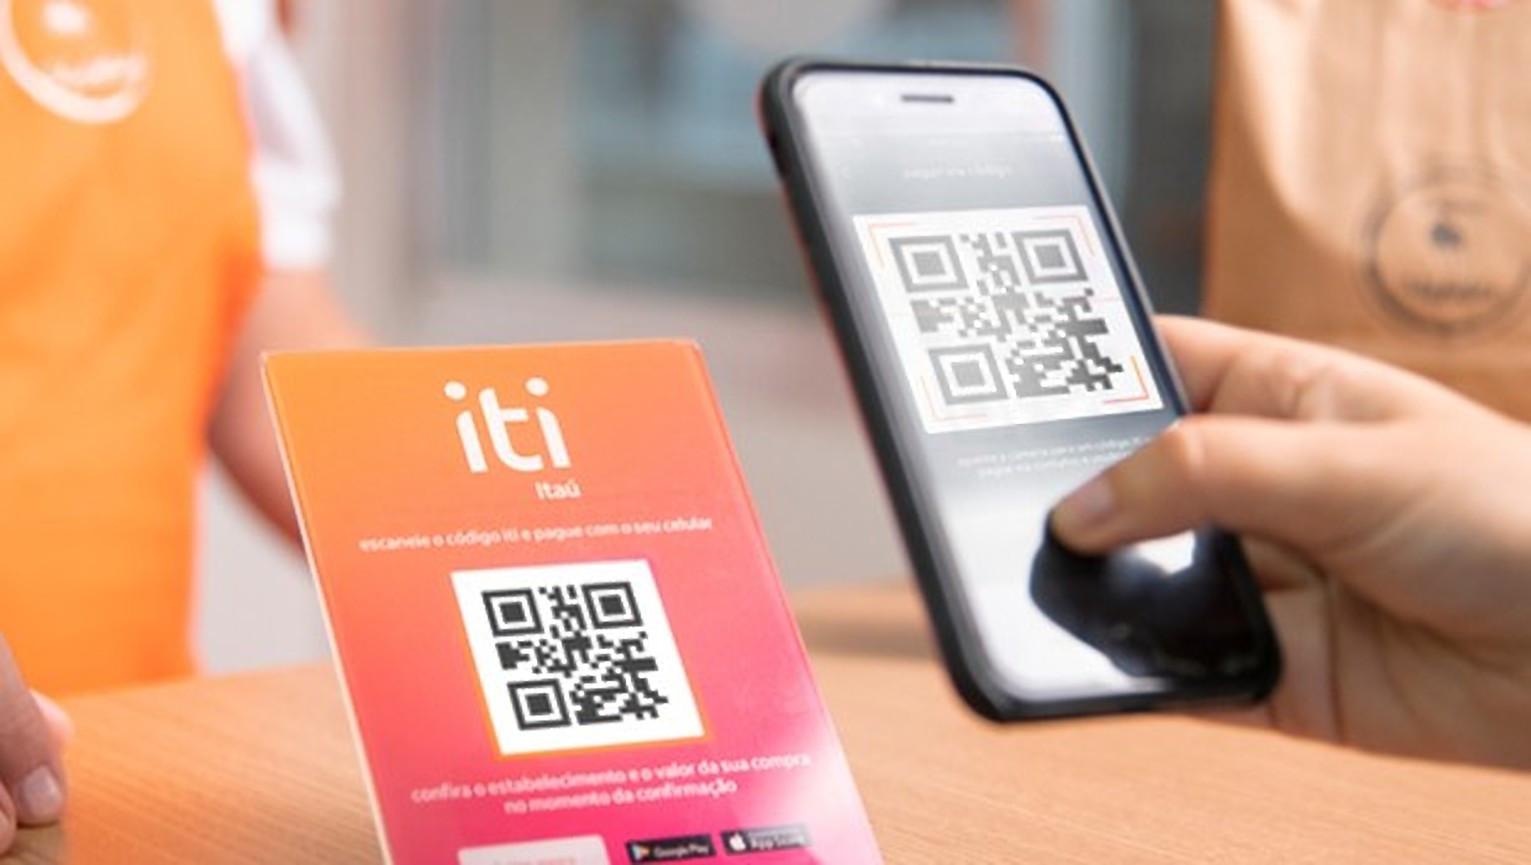 Itaú anuncia plataforma de pagamento instantâneo via QR Code